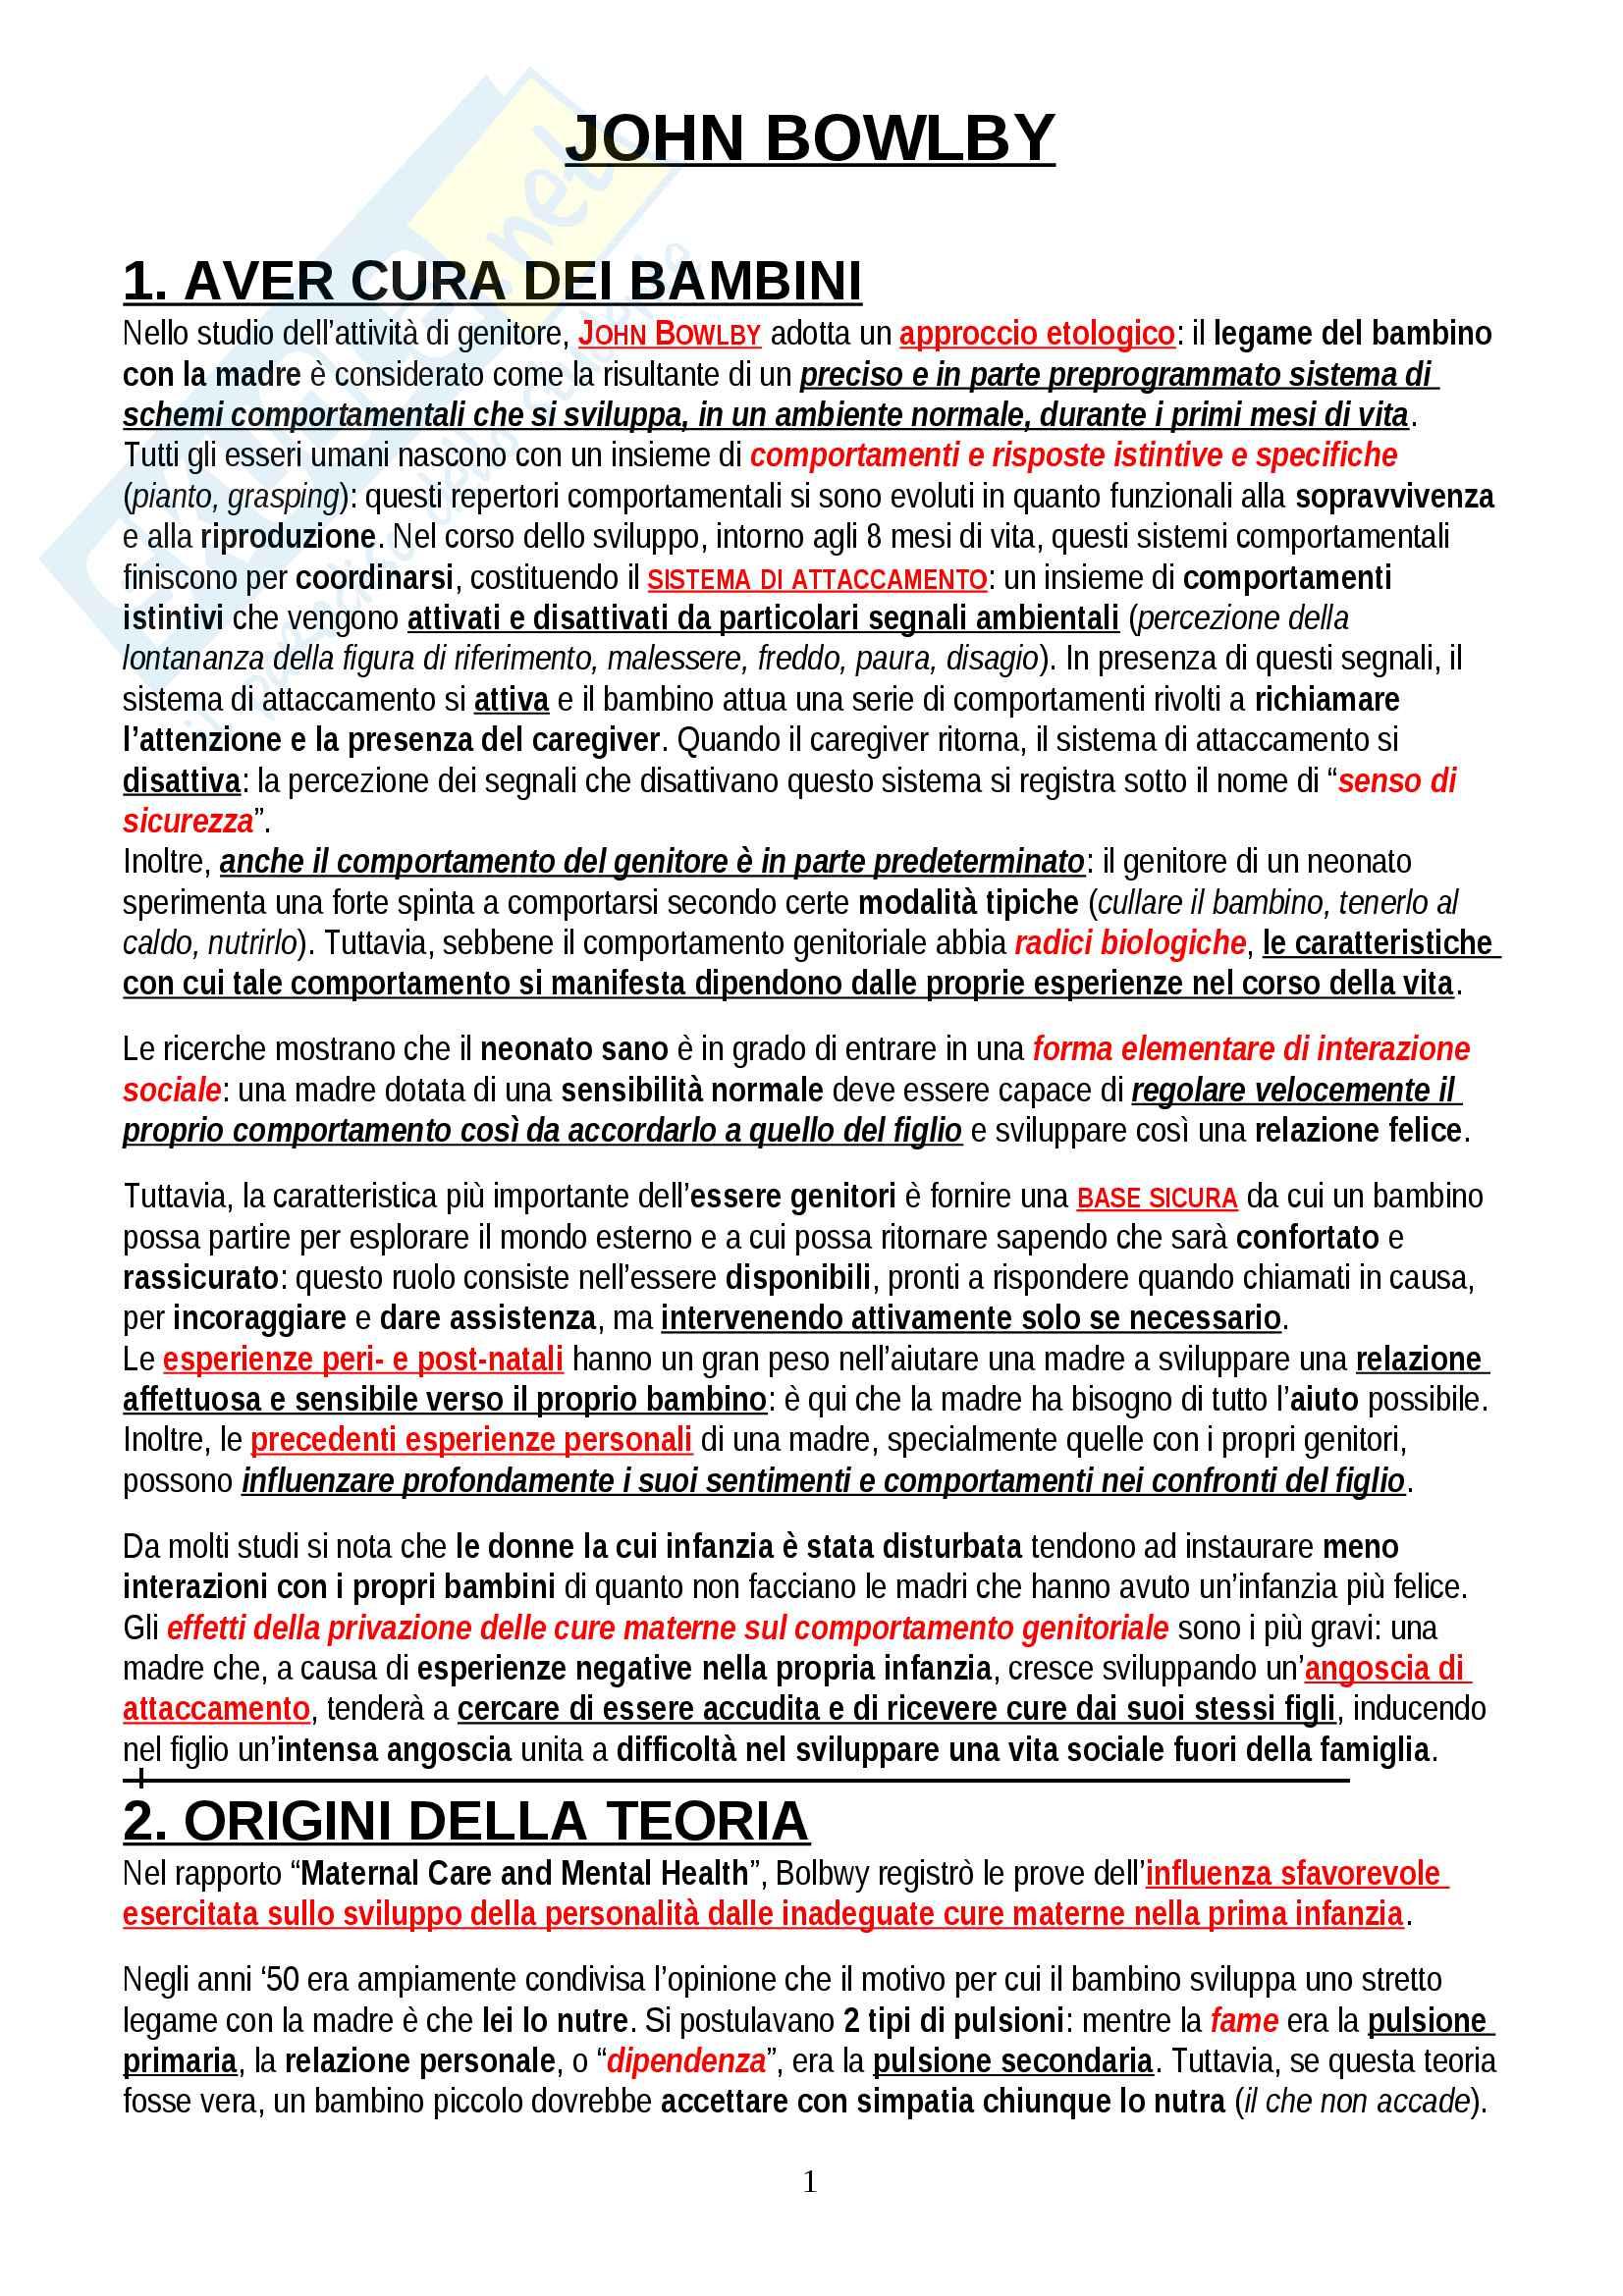 """Riassunto esame Psicologia Dinamica, prof. Gazzillo, libro consigliato """"Una base sicura"""", John Bowlby"""